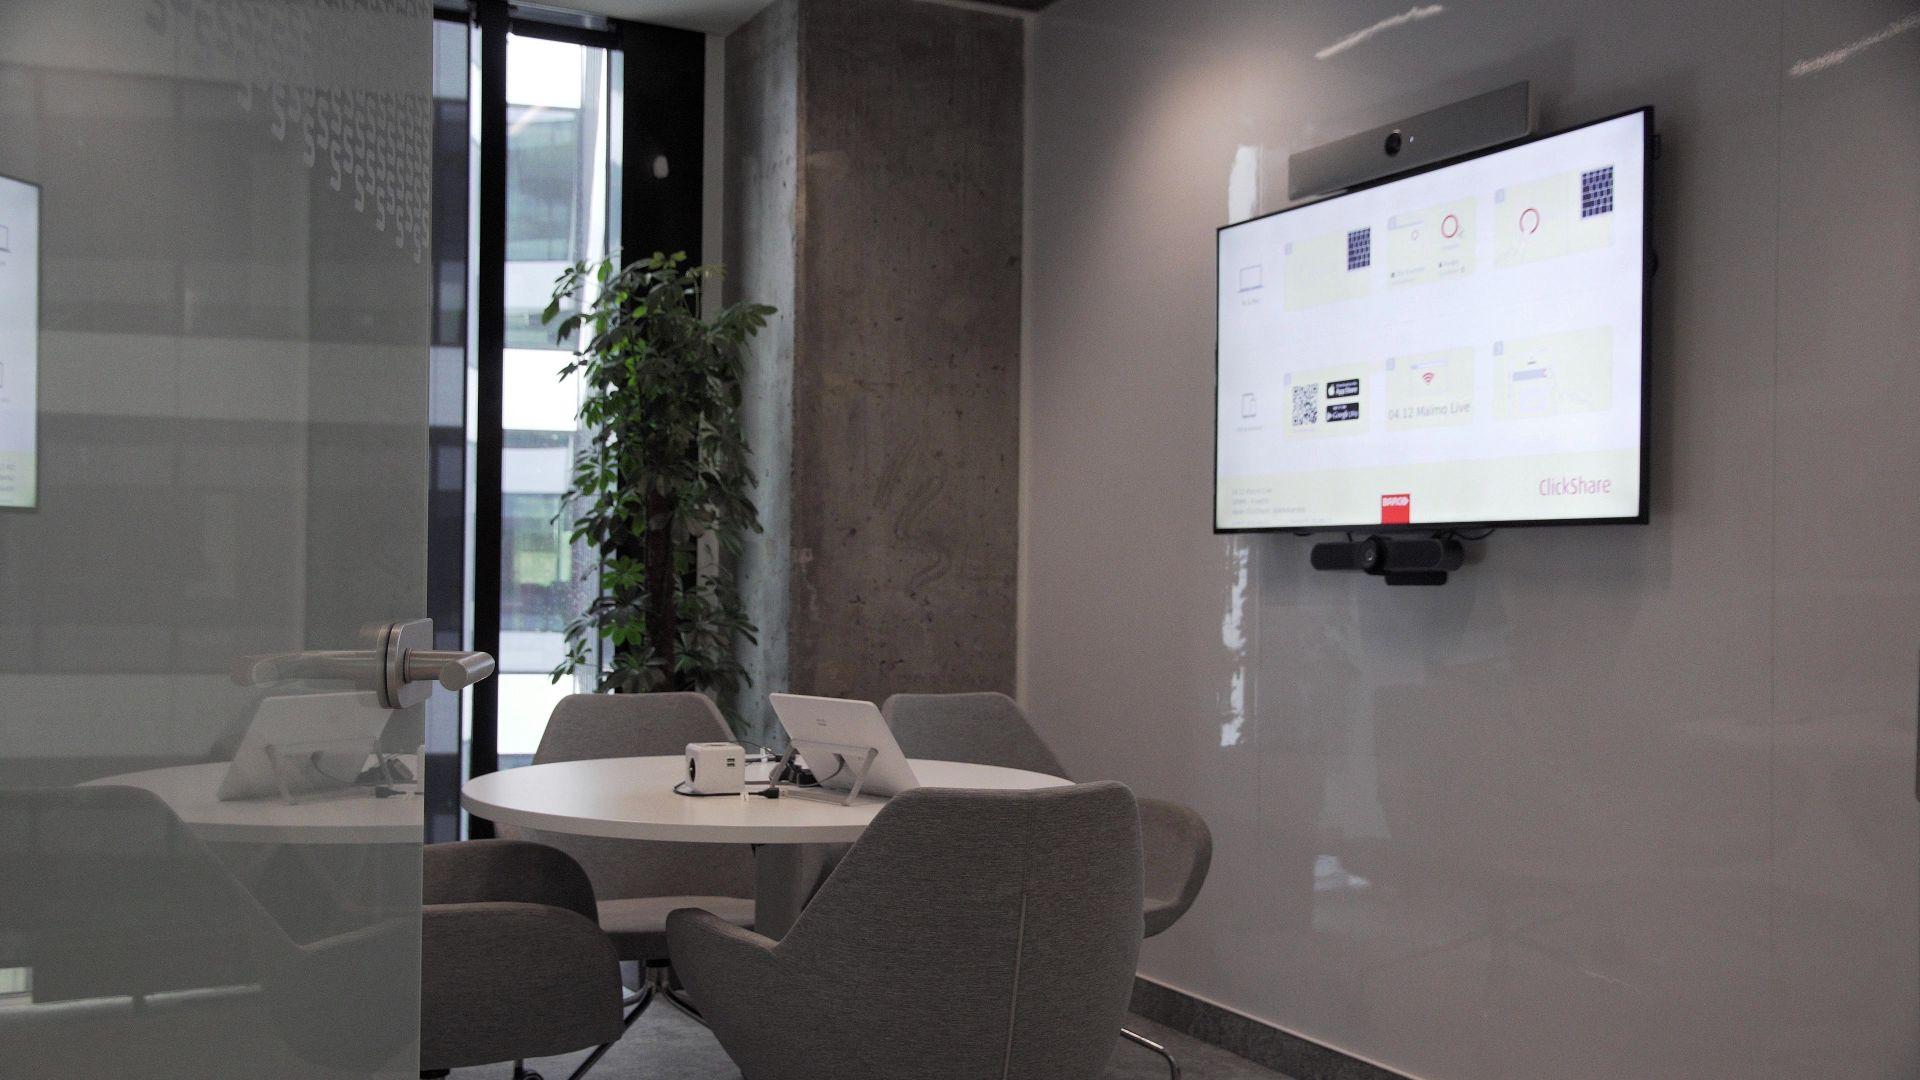 Huddle room z zestawem do wideokonferencji i Barco ClickShare